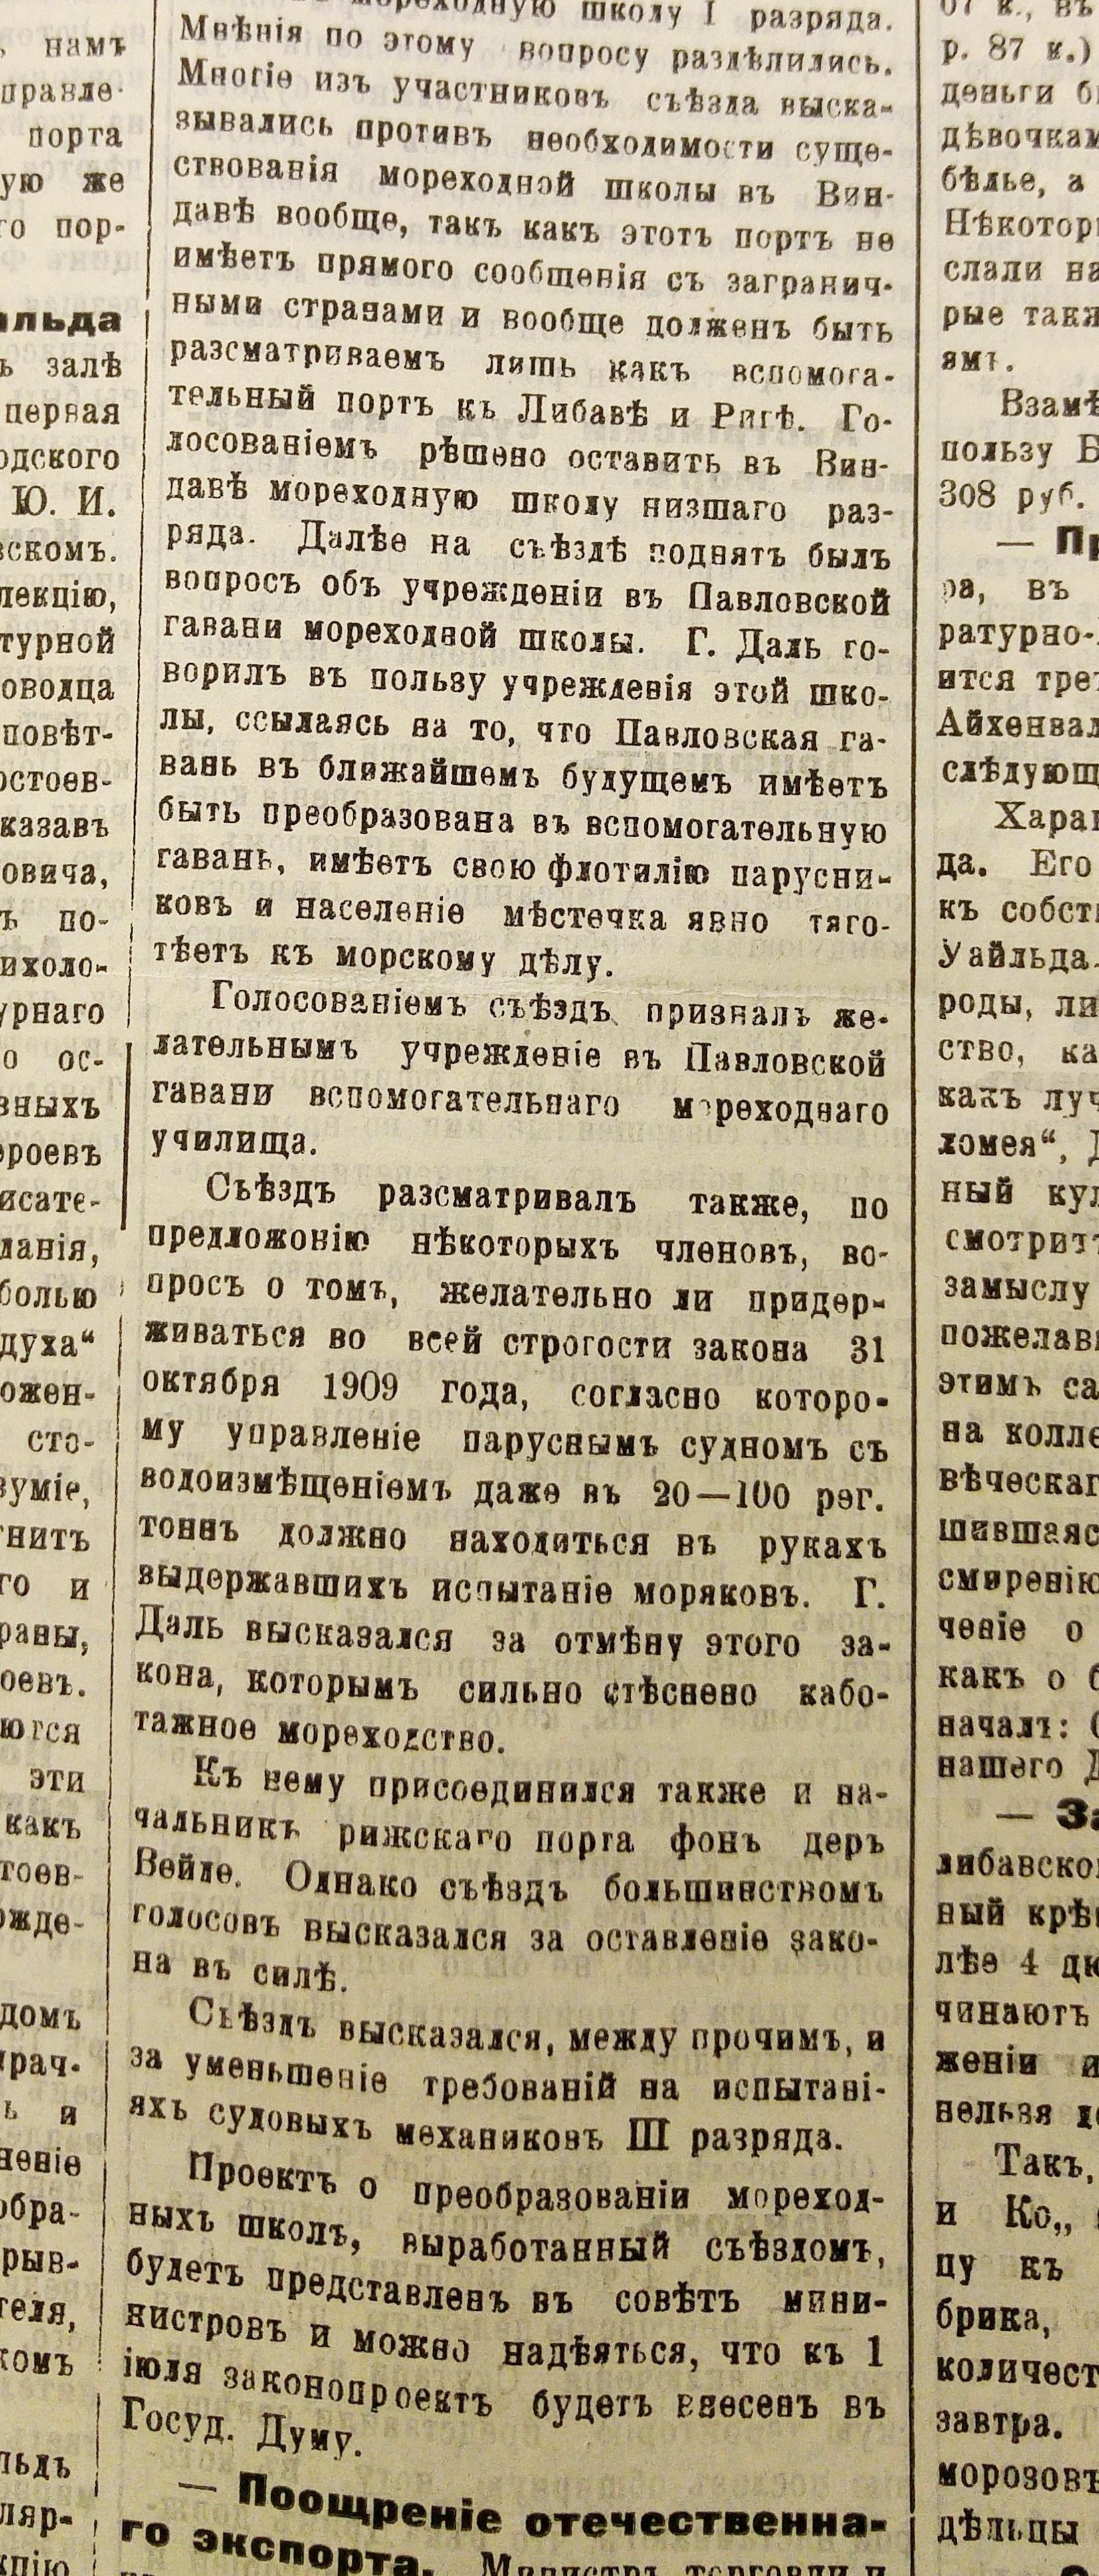 """Газета """"Вестник Либавы"""", февраль 1913 года"""